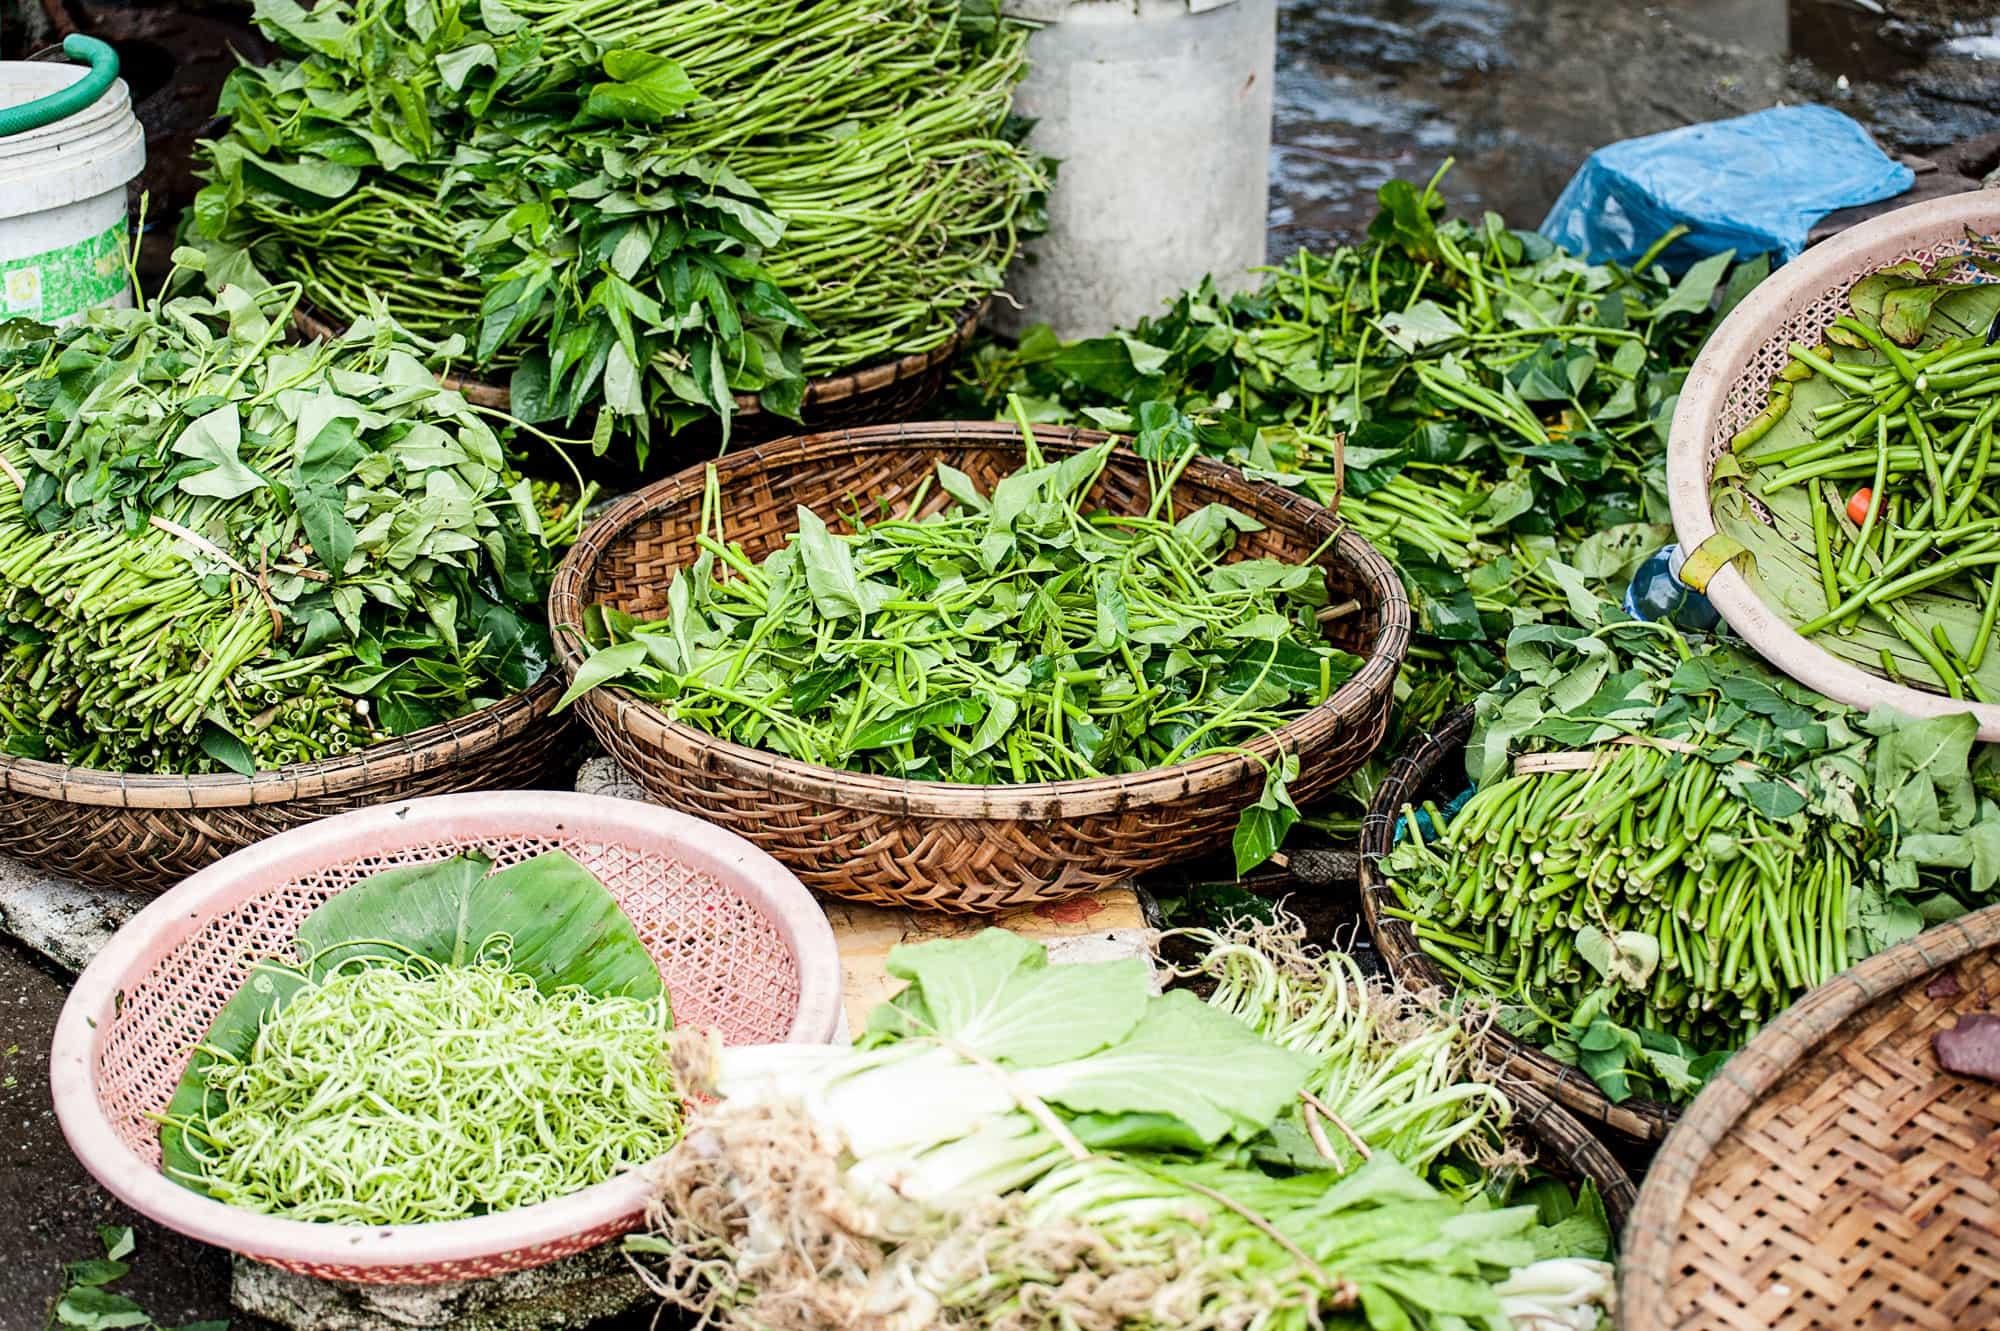 Eating Bun Cha in Hanoi, Vietnam